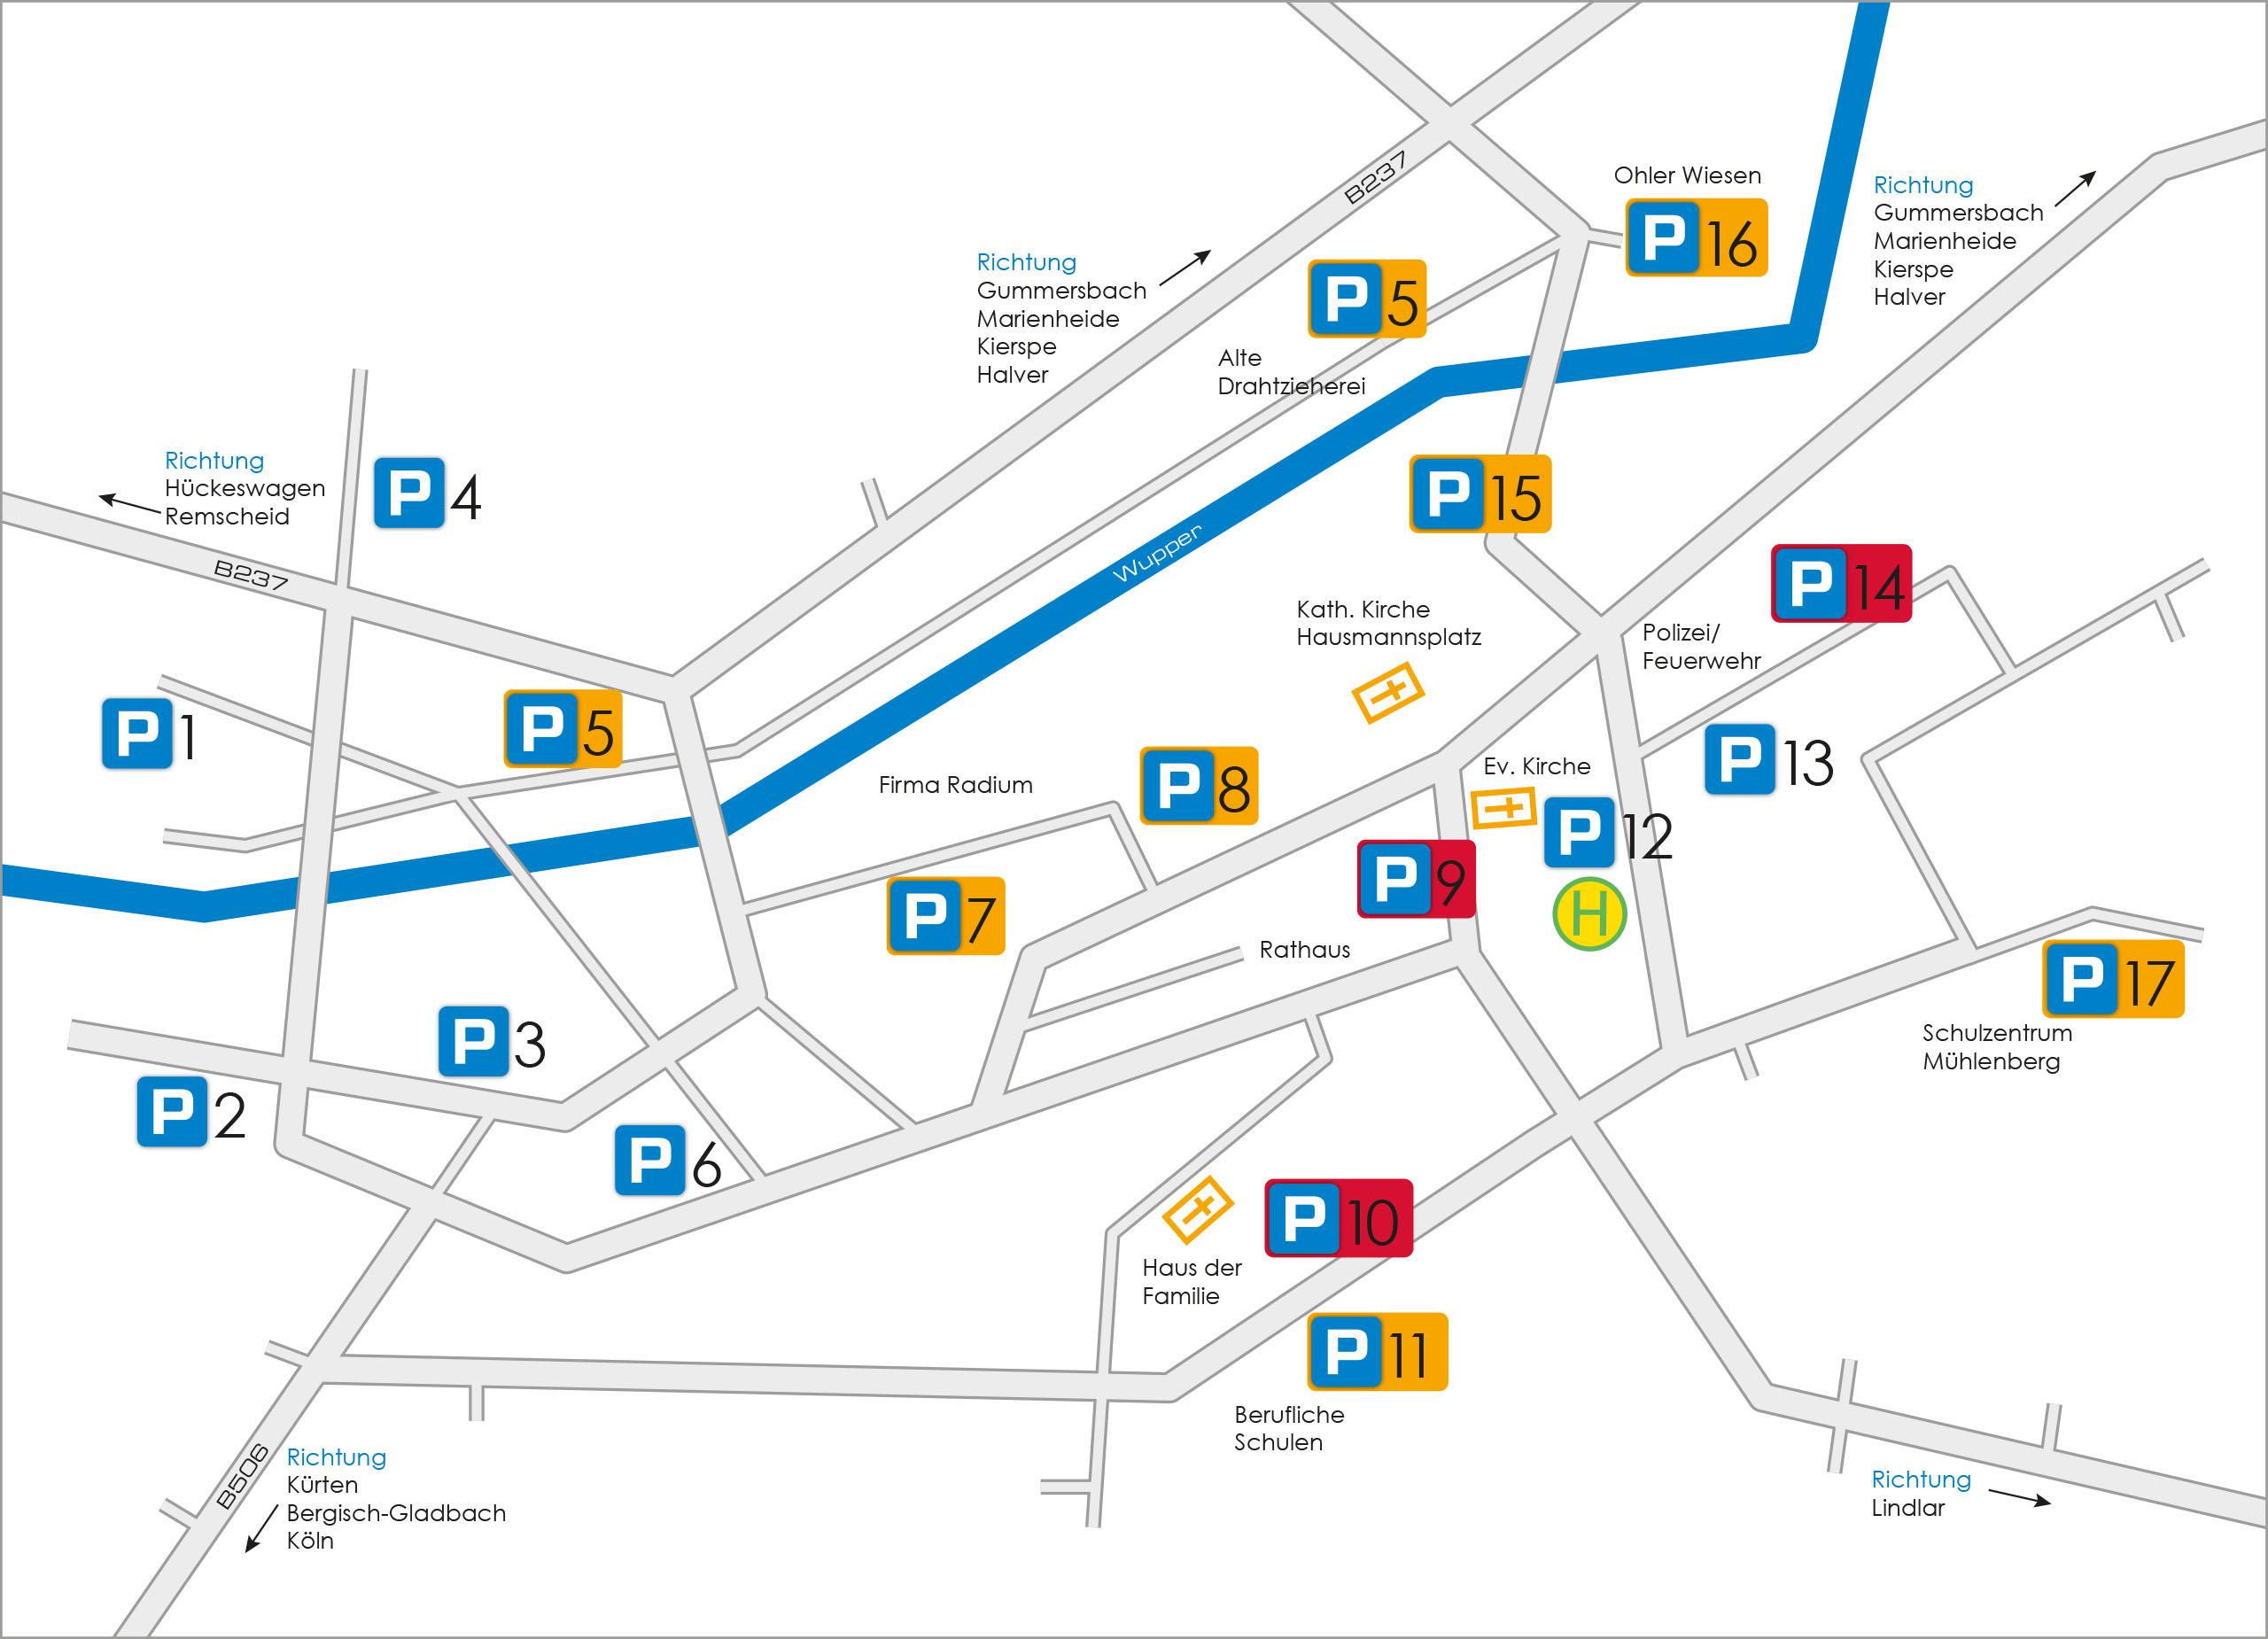 Parkplatzkarte der Stadt Wipperfürth für die 34. Westfälischen Hansetage